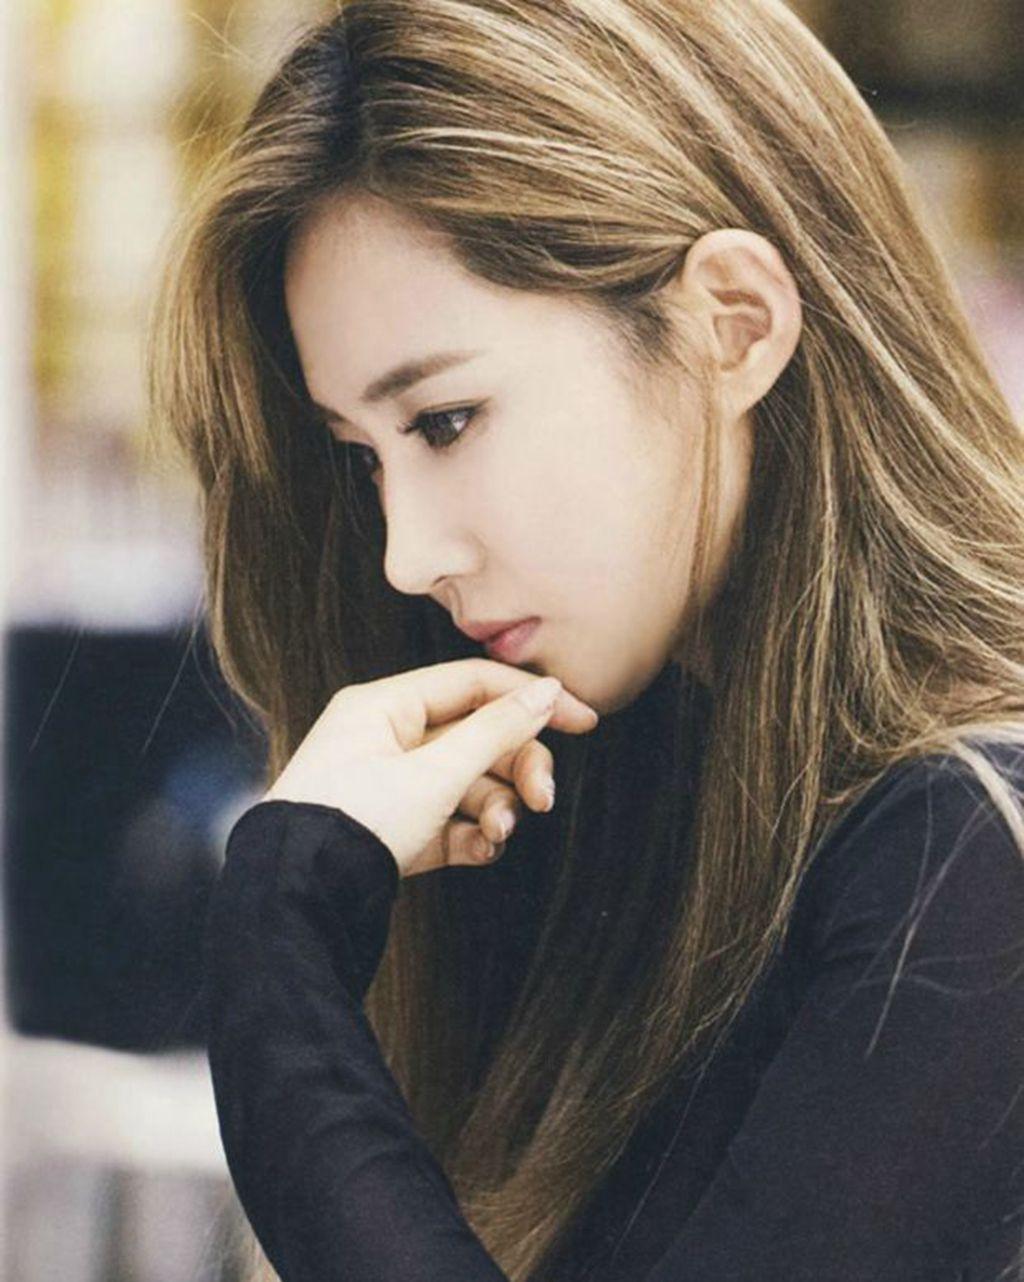 颜值超高的韩国美女明星,图一最美,图五清纯可爱,你最喜欢哪个